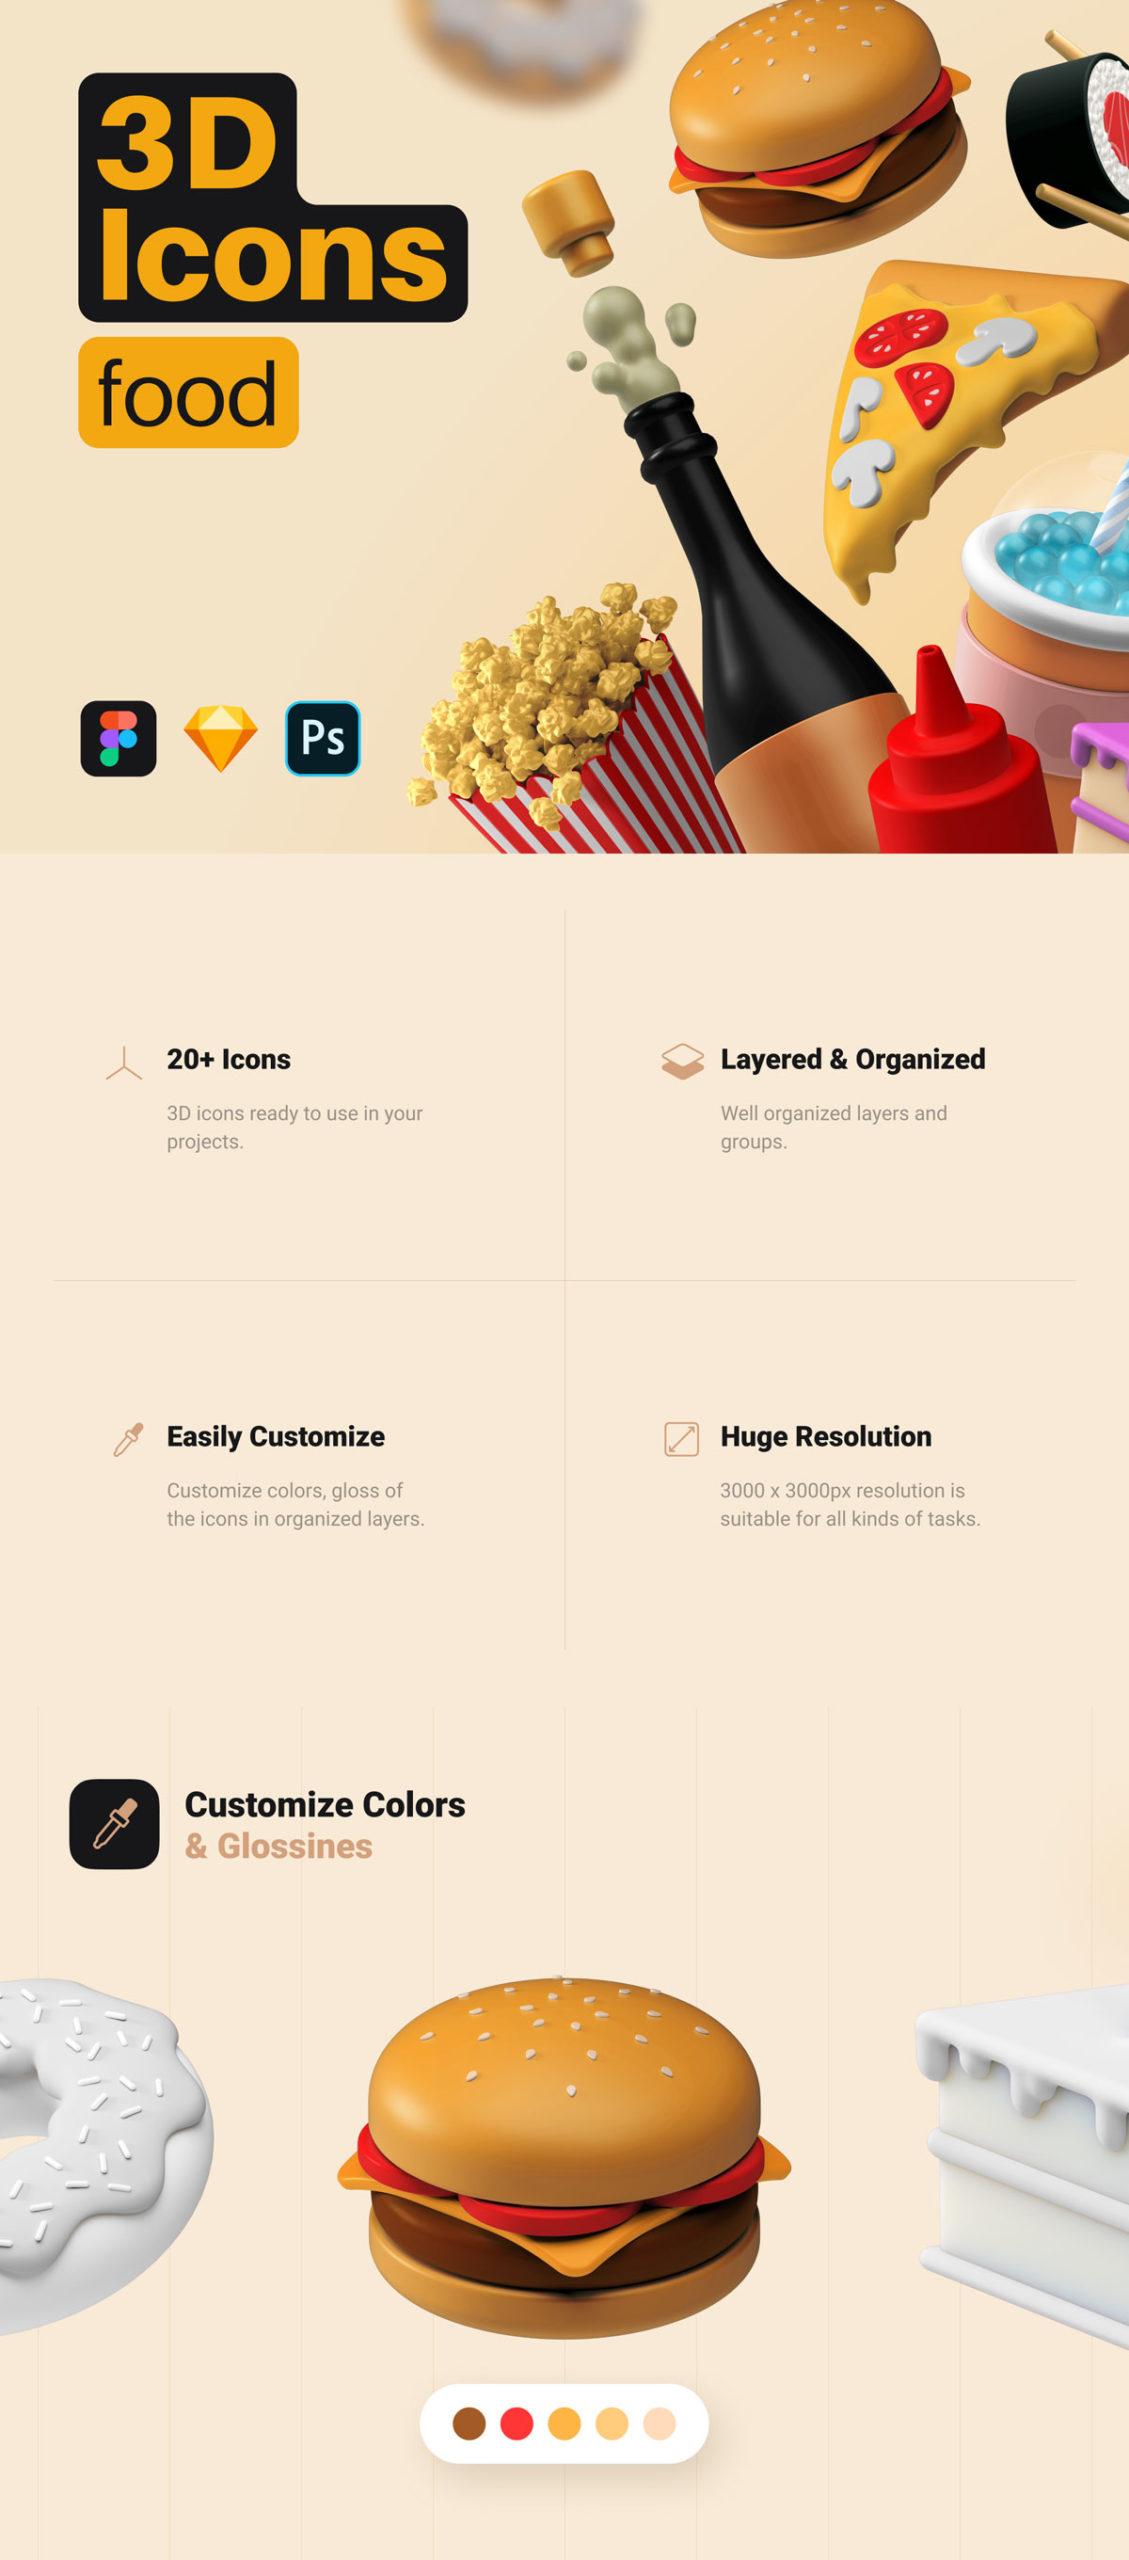 简约西餐快餐食物主题3D图标设计素材套装 3D Icons Pack – Food插图